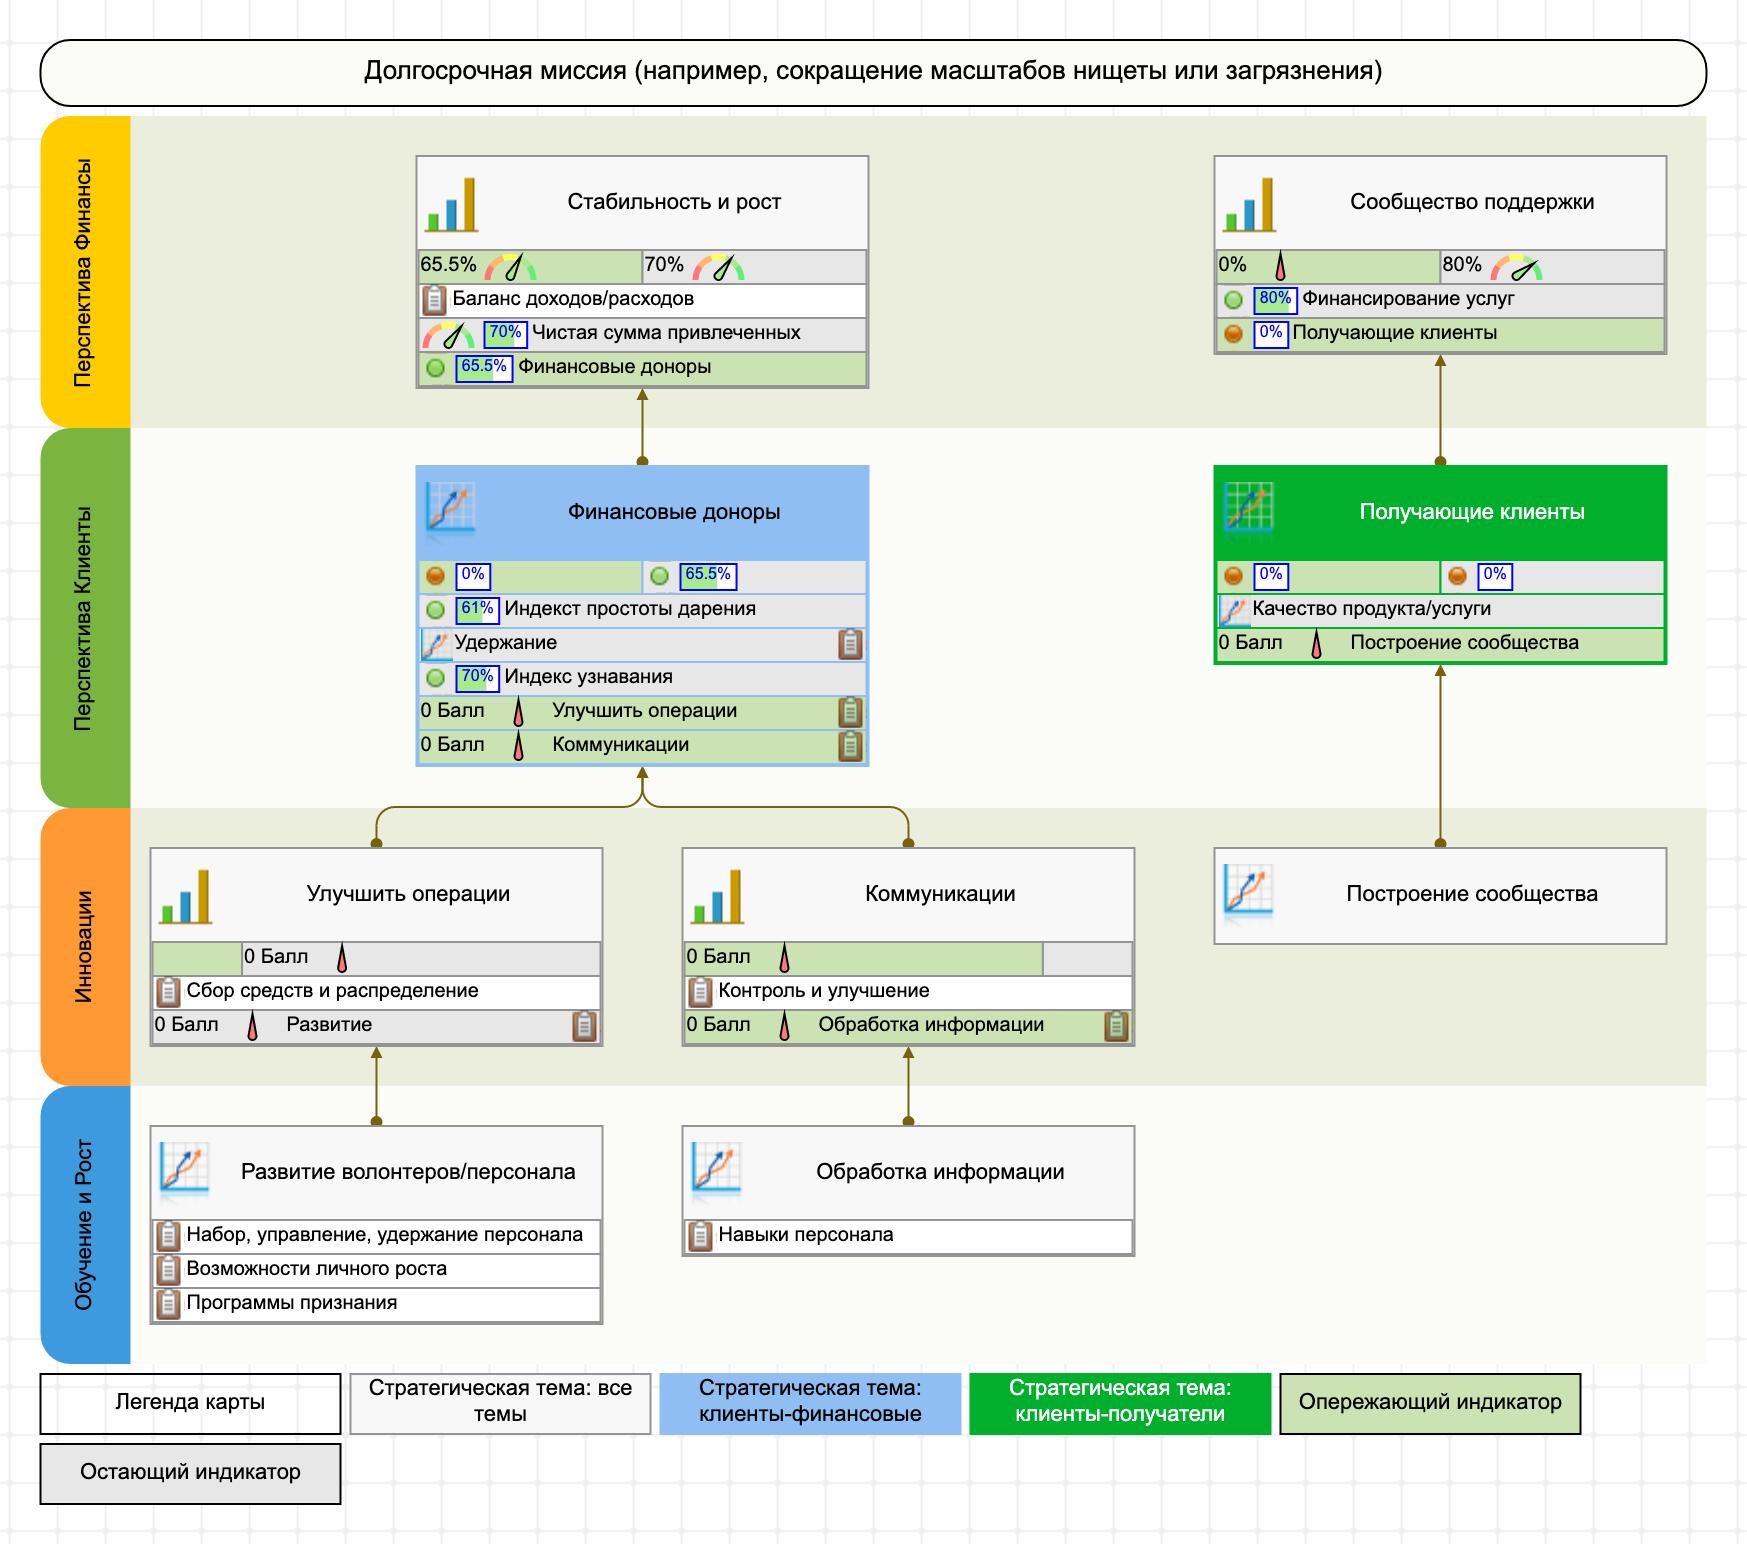 Пример стратегической карты ССП